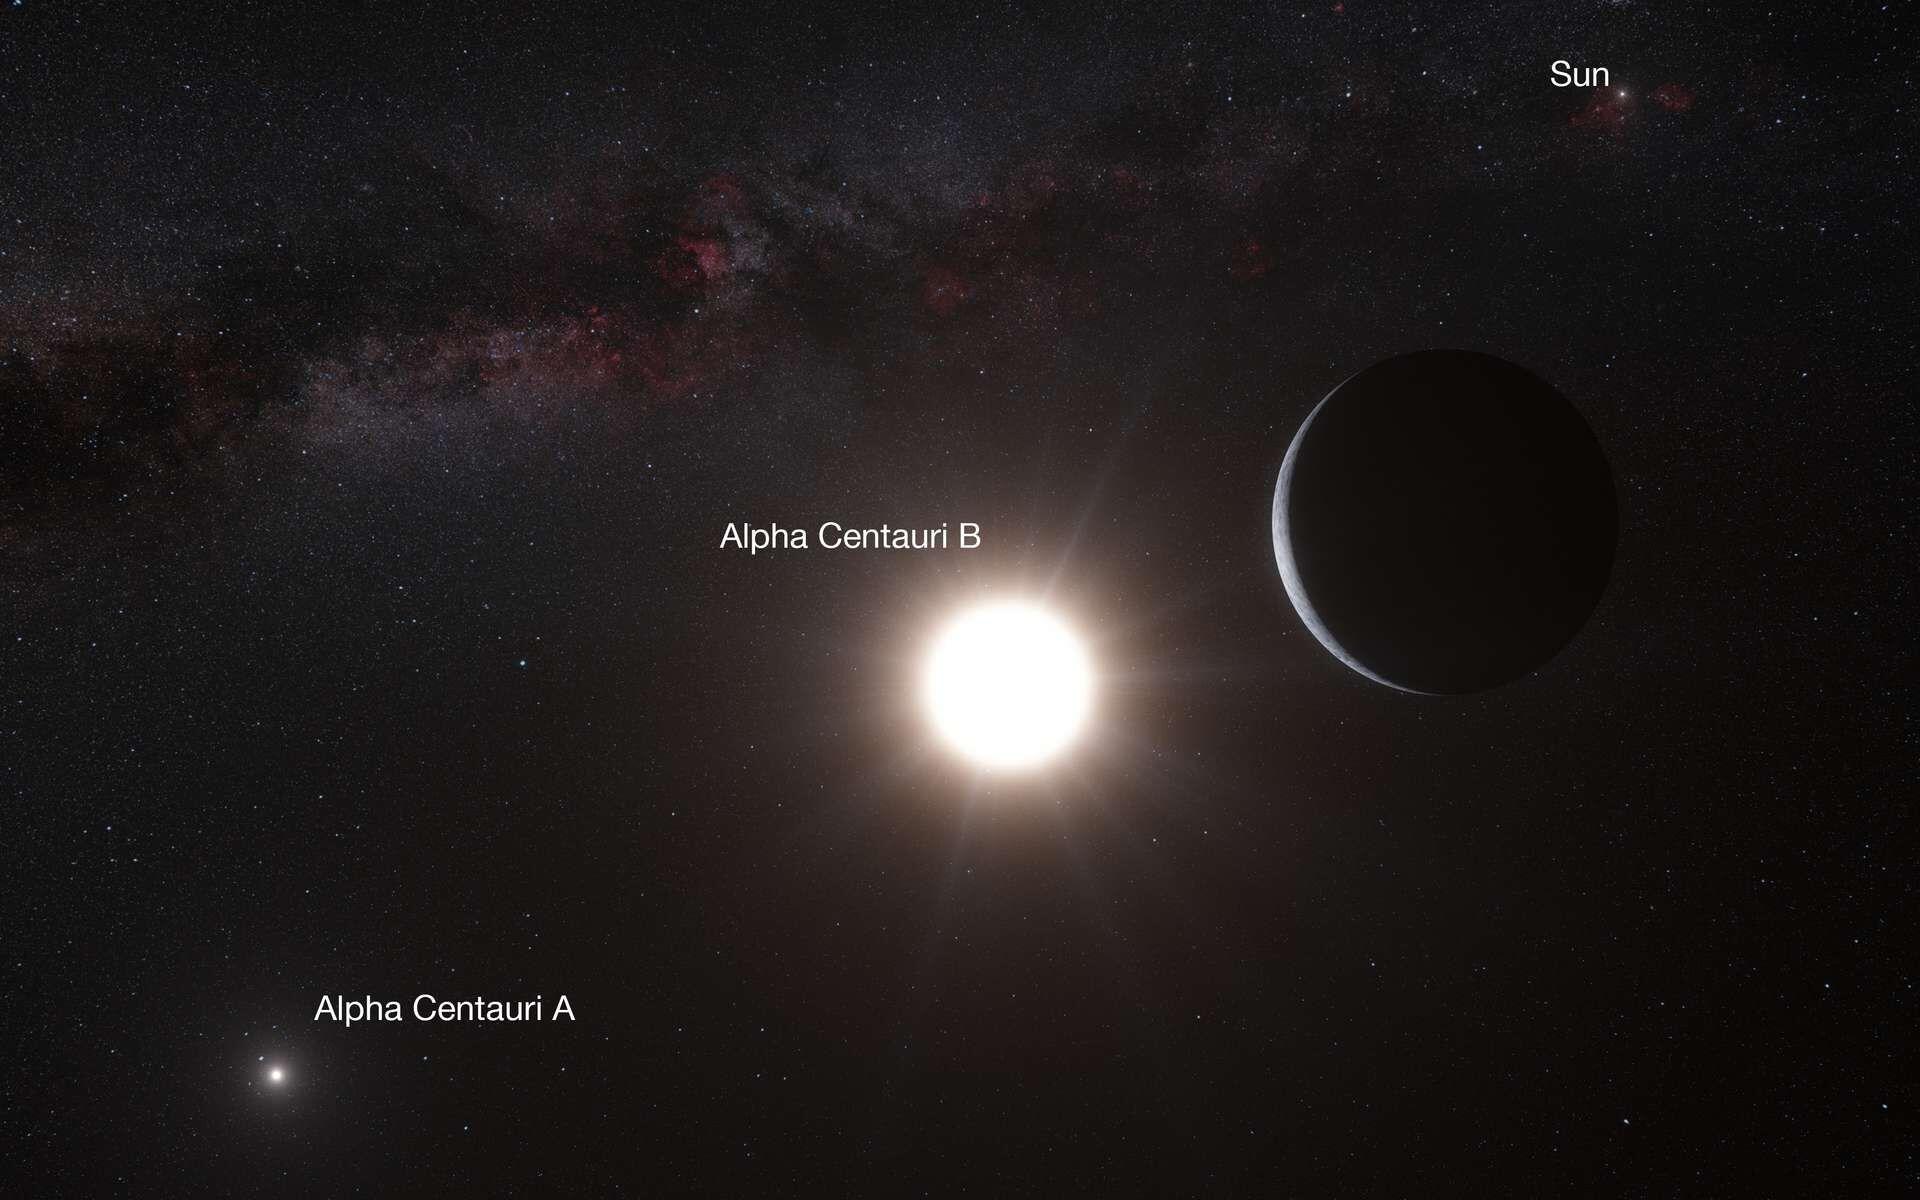 Les astronomes du projet Look -- qui suit le comportement d'un grand nombre de comètes et l'évolution de leur activité -- vont désormais prendre le relais pour étudier C/2014 UN271 -- qui arrivera au plus proche du Soleil dans 10 ans, en 2031.